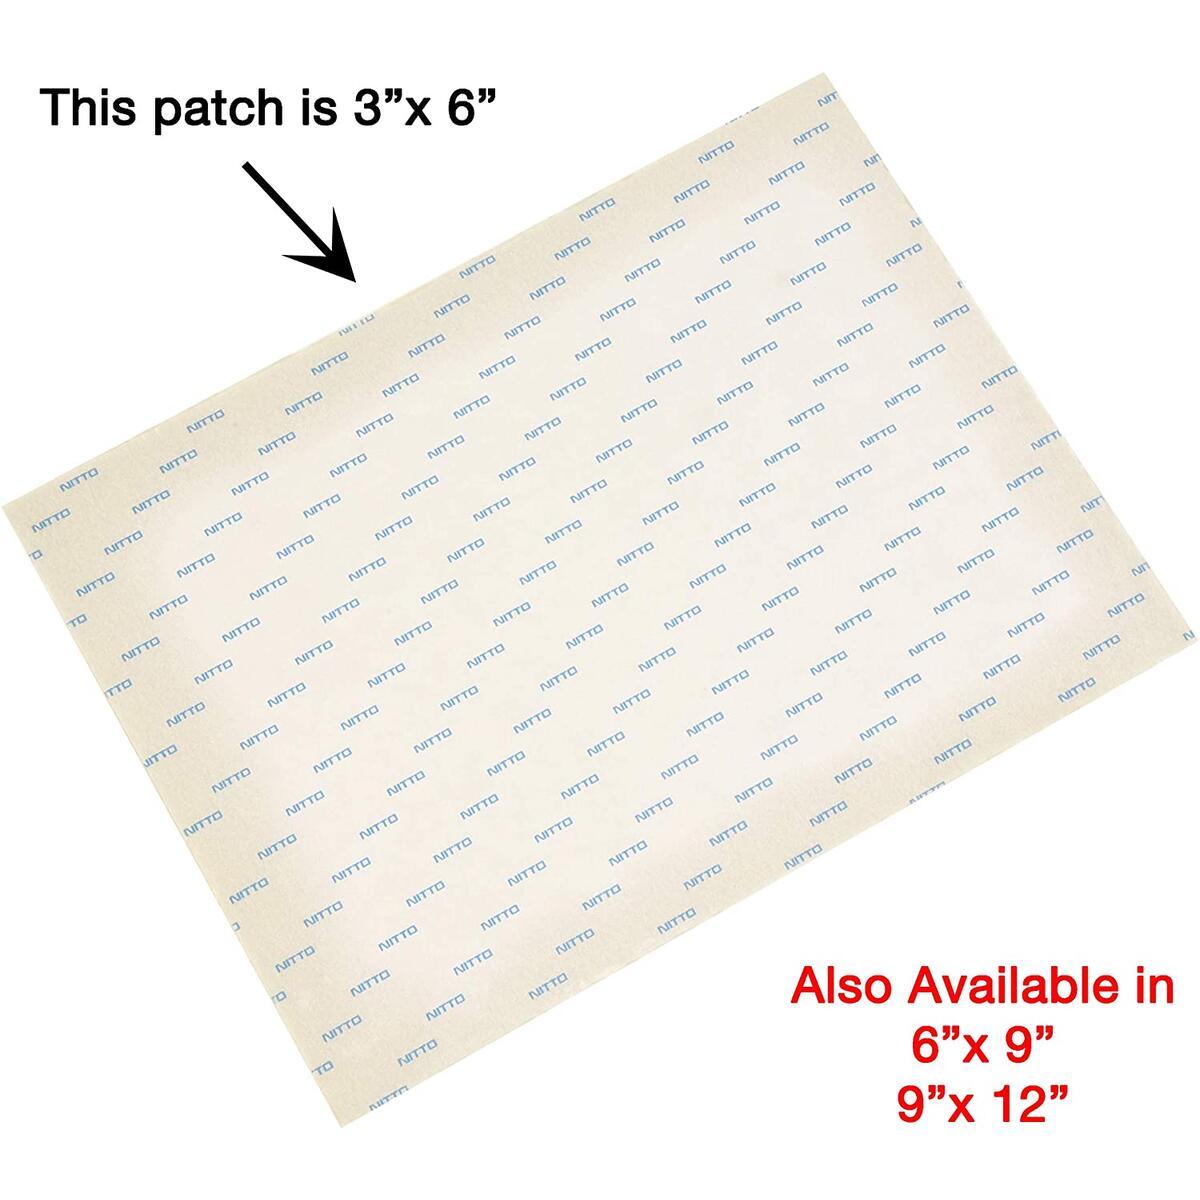 Total Patch Repair - 3